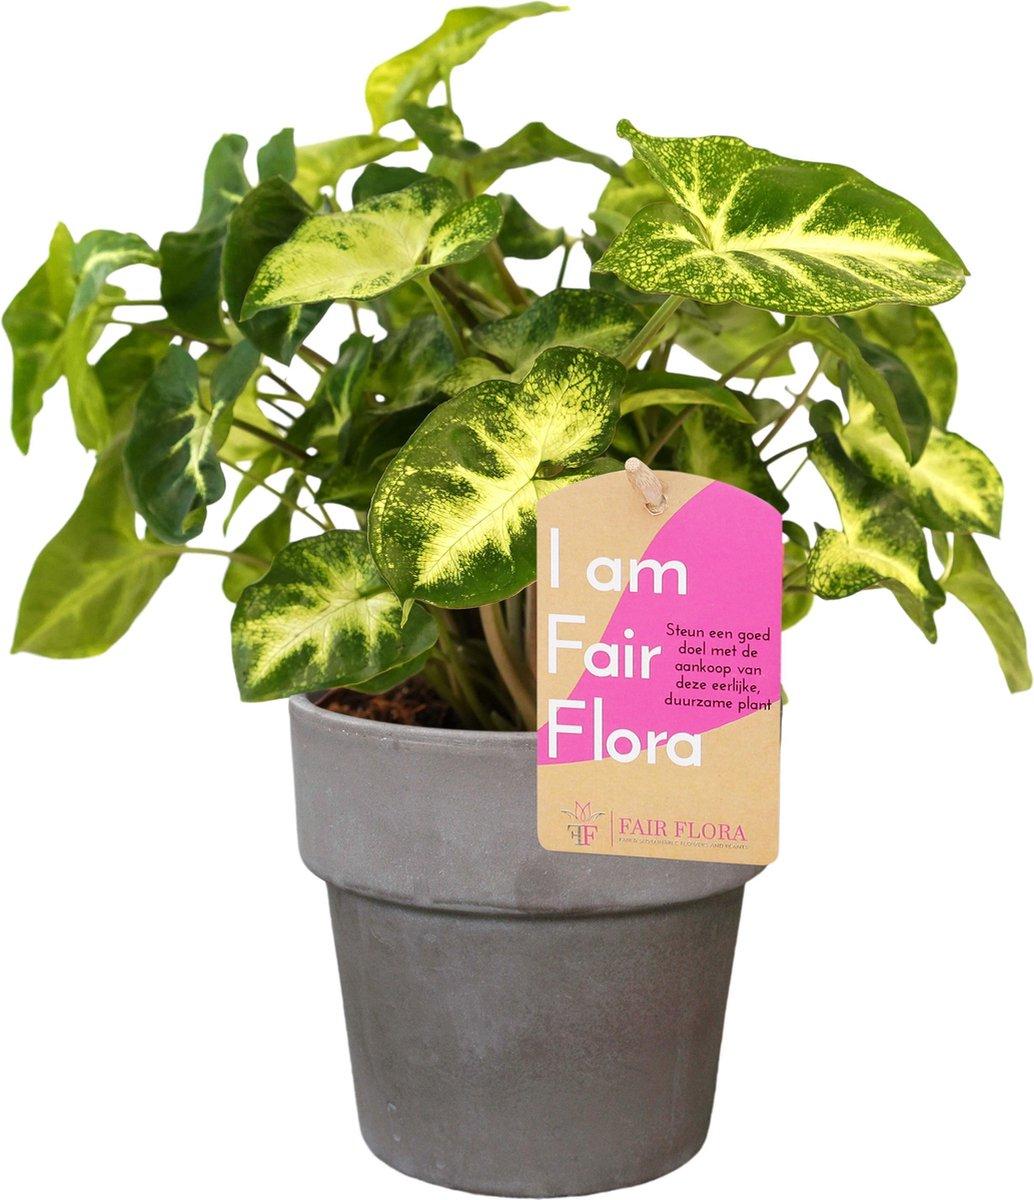 Duurzaam geproduceerde Kamerplant van FAIR FLORA® - 1 x Syngonium Pixi in de grijze keramische pot - Duurzaam geproduceerde Kamerplant van FAIR FLORA® 20 cm